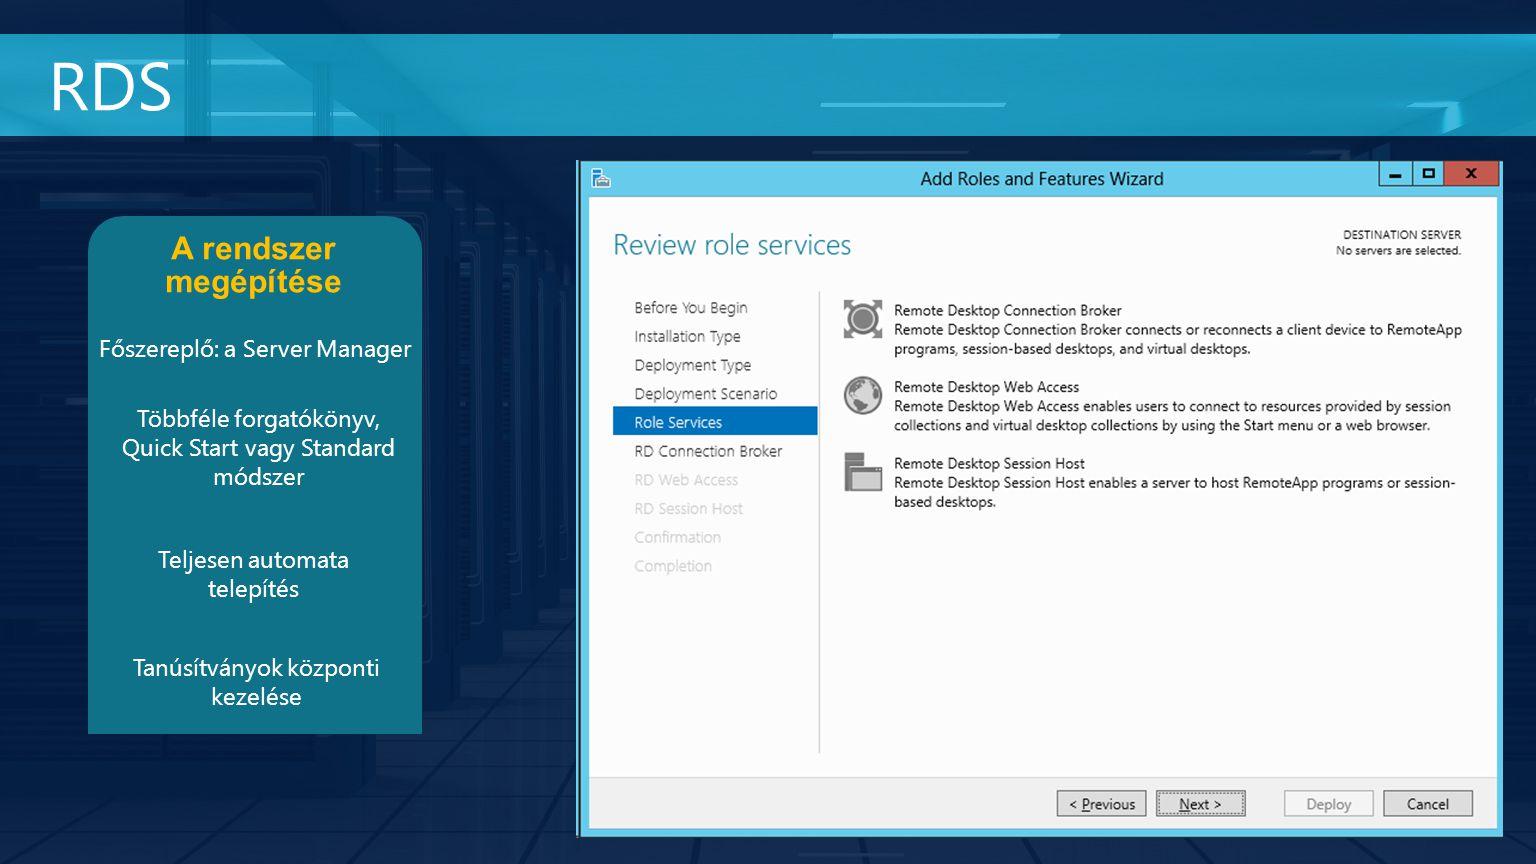 Hyper-V skálázhatóság, teljesítmény, sűrűség RendszerErőforrás Windows Server 2008 R2 Hyper-V Windows Server 2012 Beta Hyper-V Növekmény Gazda- gép Logikai processzor641602.5× Fizikai memória1TB2TB2× Virtuális CPU/Host5121,0242× VM Virtuális CPUs/VM4328× VM Memória64GB1TB16× Aktív VM/ Host3841,0242.7× Guest NUMANemIgen- Fürt Fürttagok száma16644× Maximális VM szám1,0004,0004×